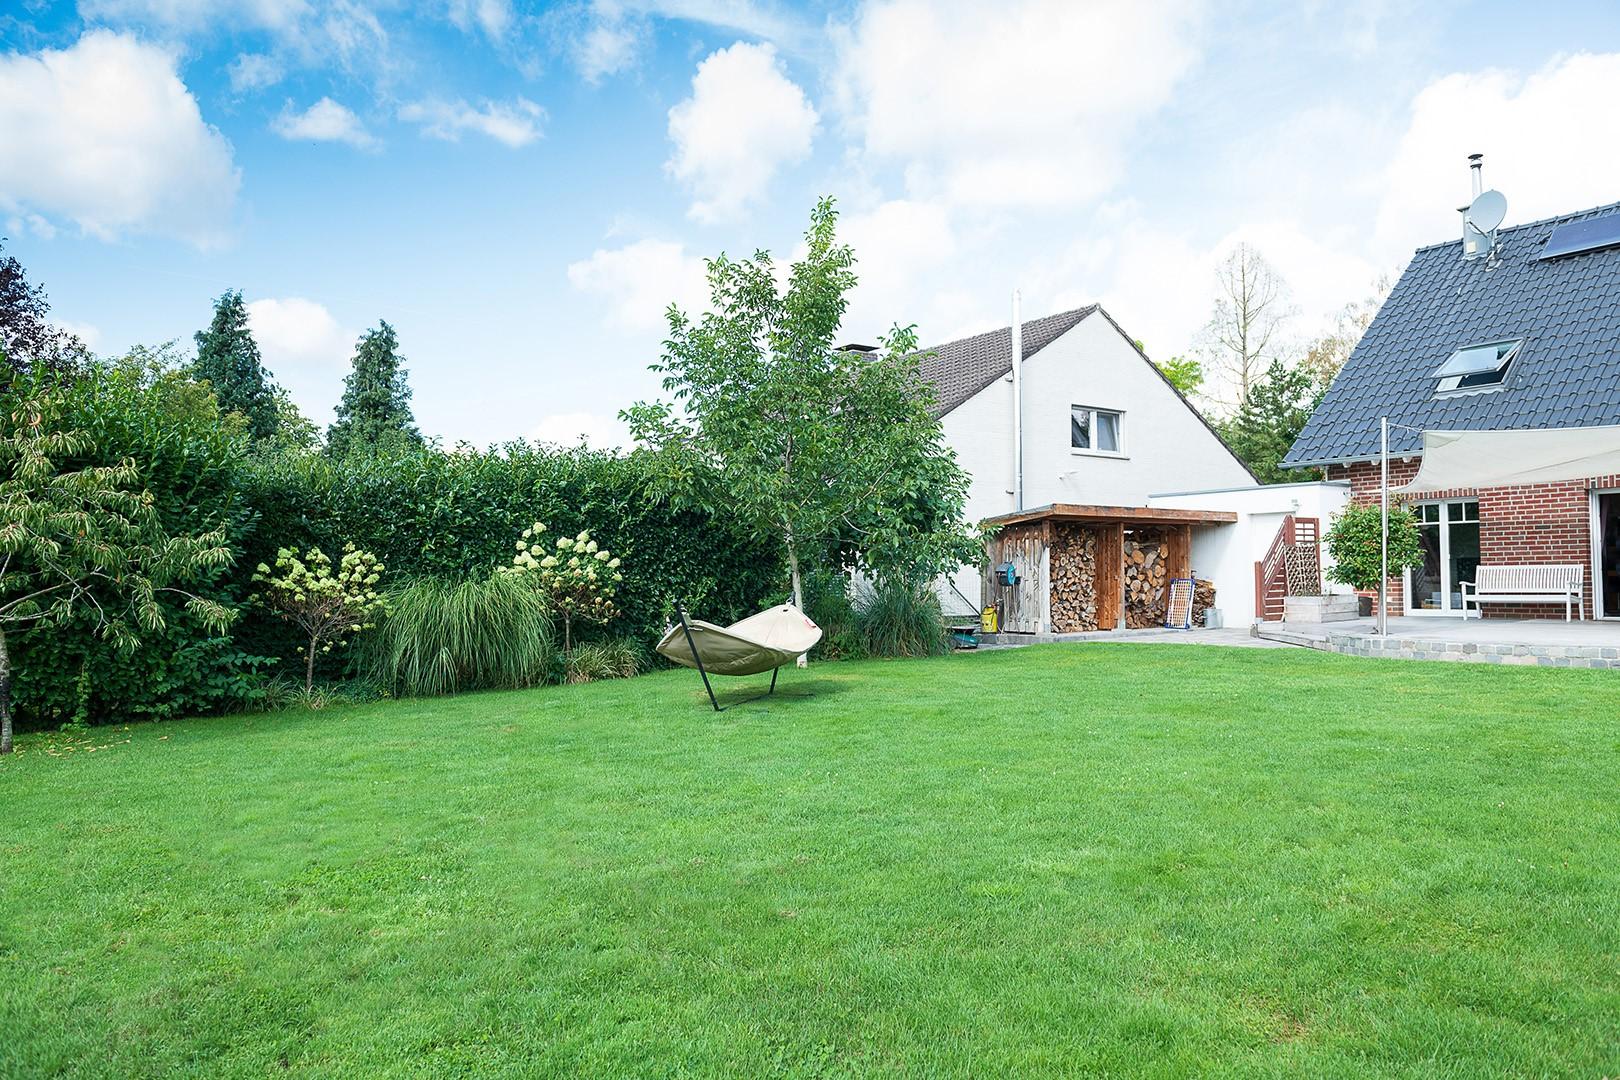 Immobilie Nr.312 - Einfamilienhaus mit Garten & Terrasse & Garage & Carport - Bild 3.jpg